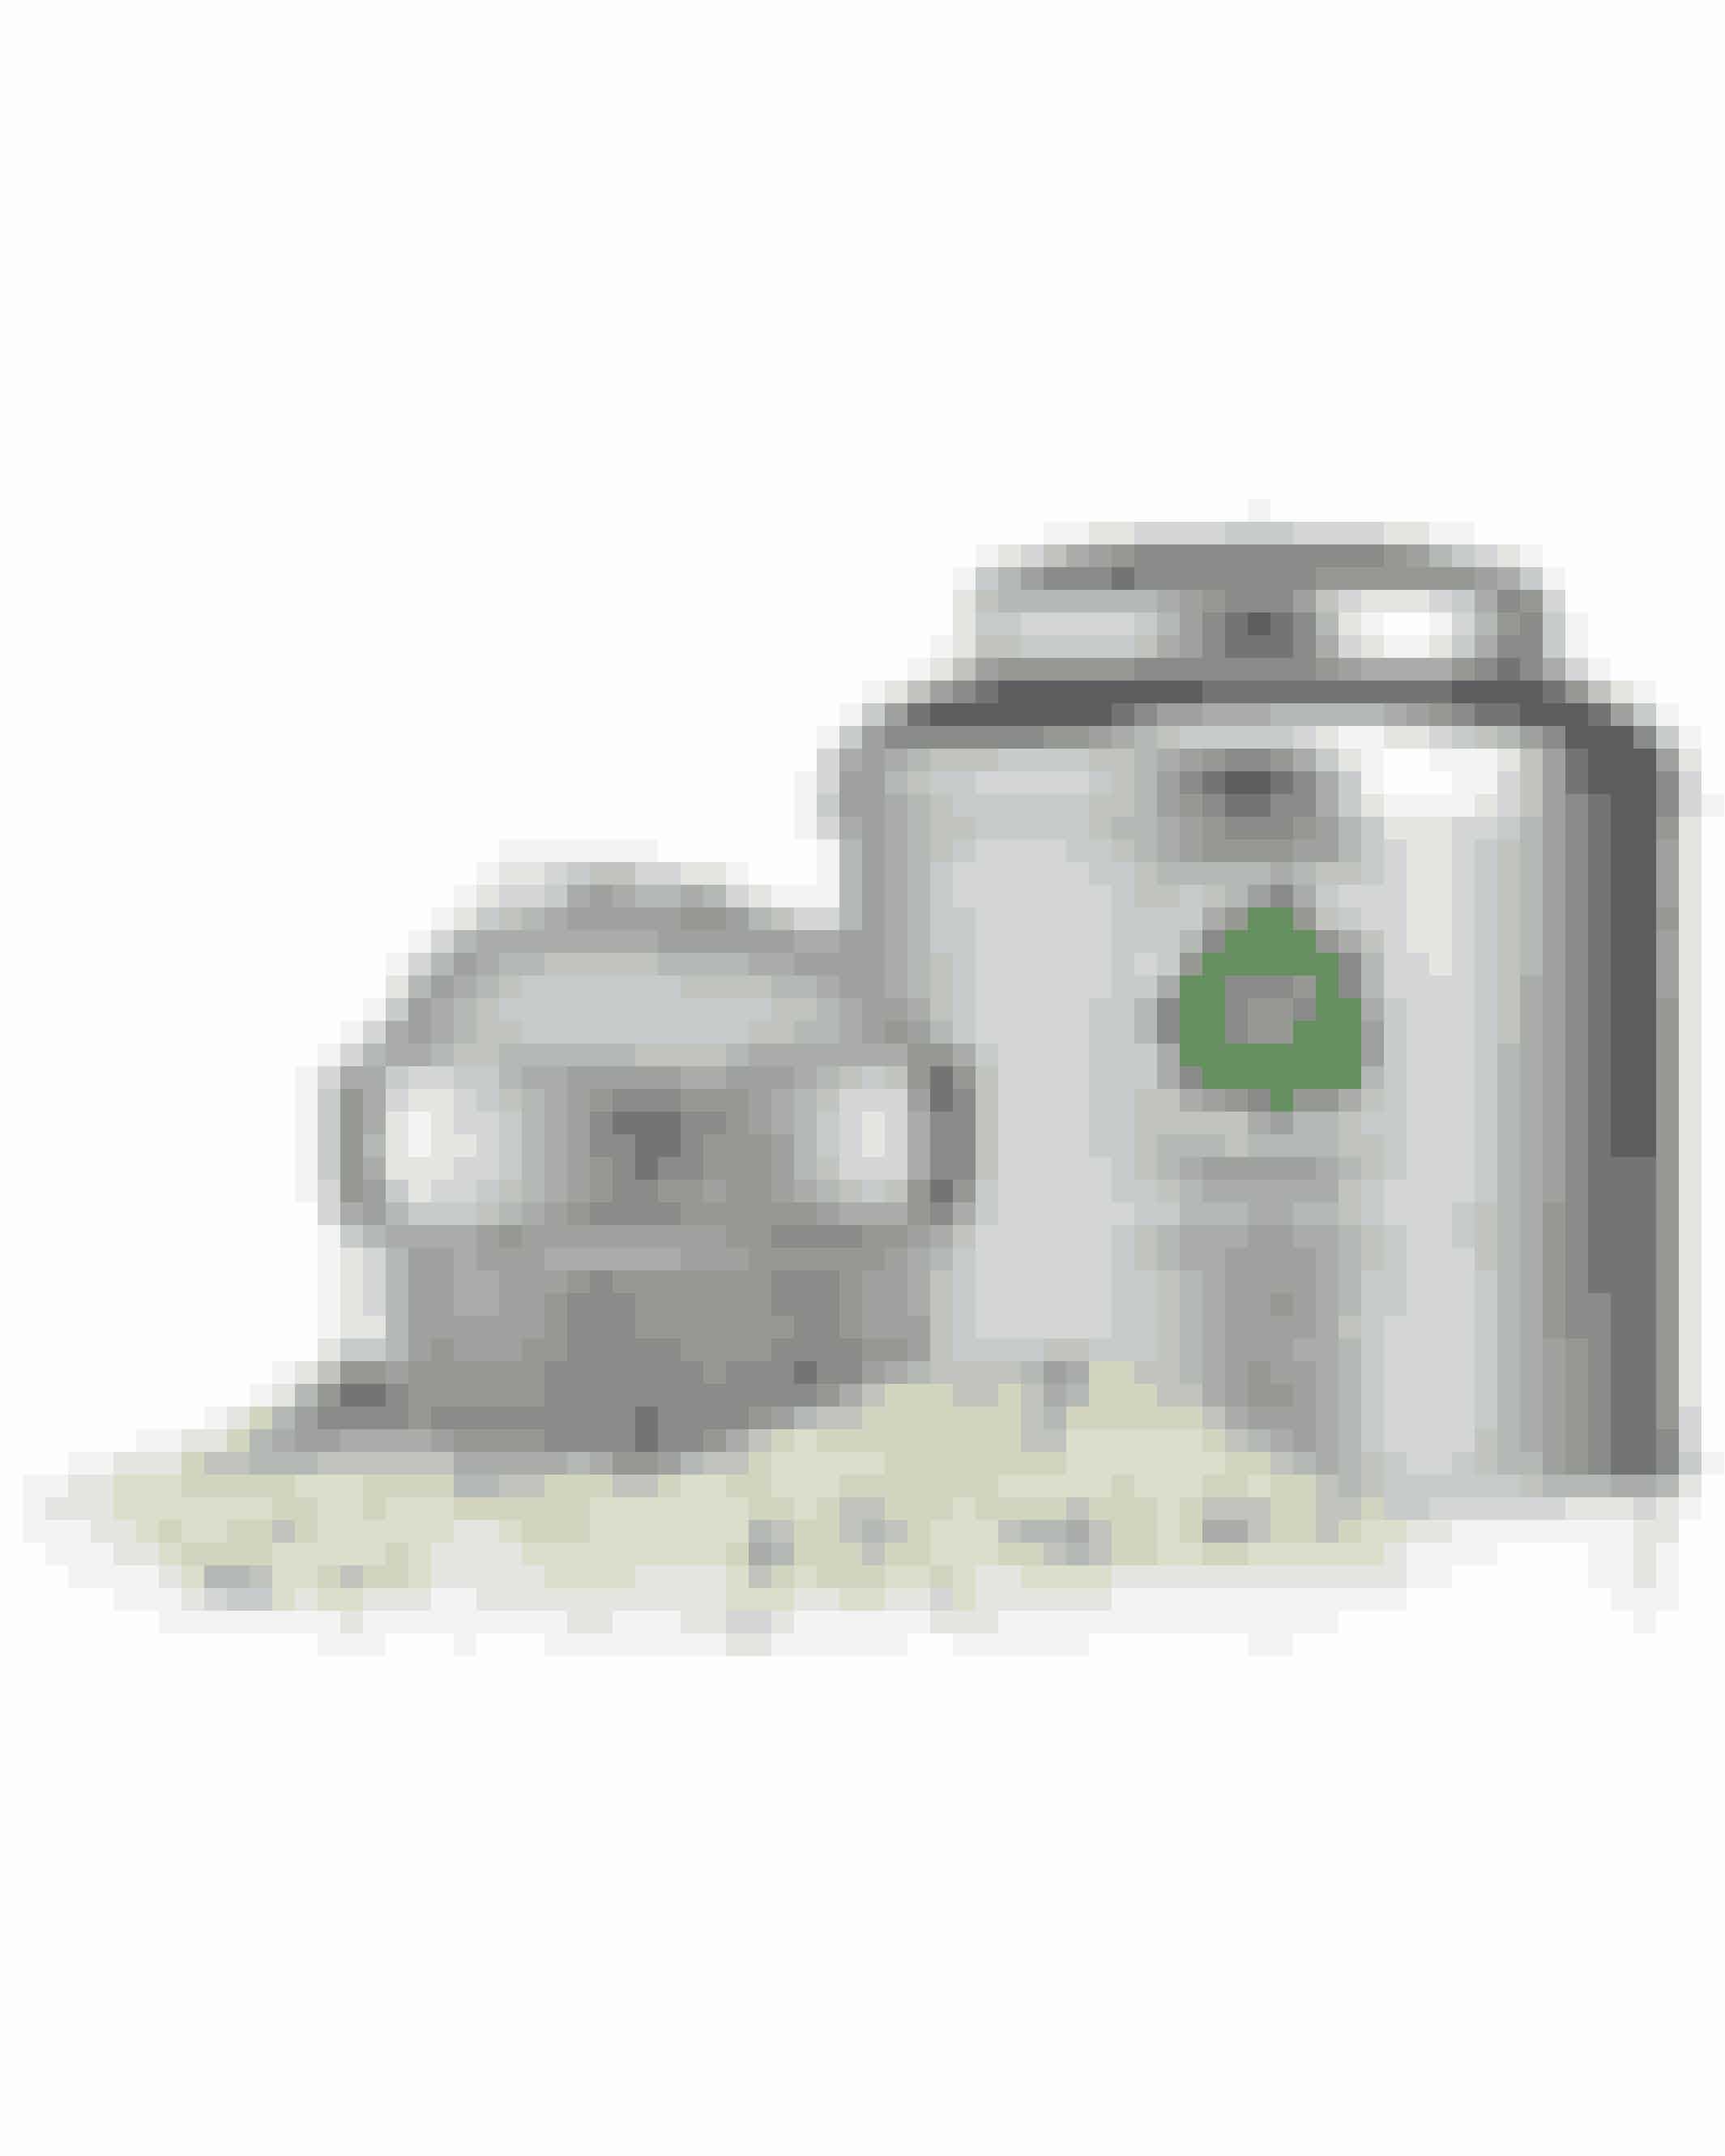 Tag bad i Teen!Uhm! Gør dig selv den tjeneste at dufte til denne fuldstændig vidunderlige bade-te, som jeg omgående fik lyst til at bade i. Bade-teen indeholder hele grønne teblade, som detoxer din krop og hjælper din hud med at rense ud og fjerne giftstoffer. Og den fine dåse pynter så smukt på badeværelset.Fuji Green Tea Detox Bath Tea, The Body Shop, 300 g, 195 kr. Fuji Green Tea BathInfuser, The Body Shop, 50 kr.FÅS HER